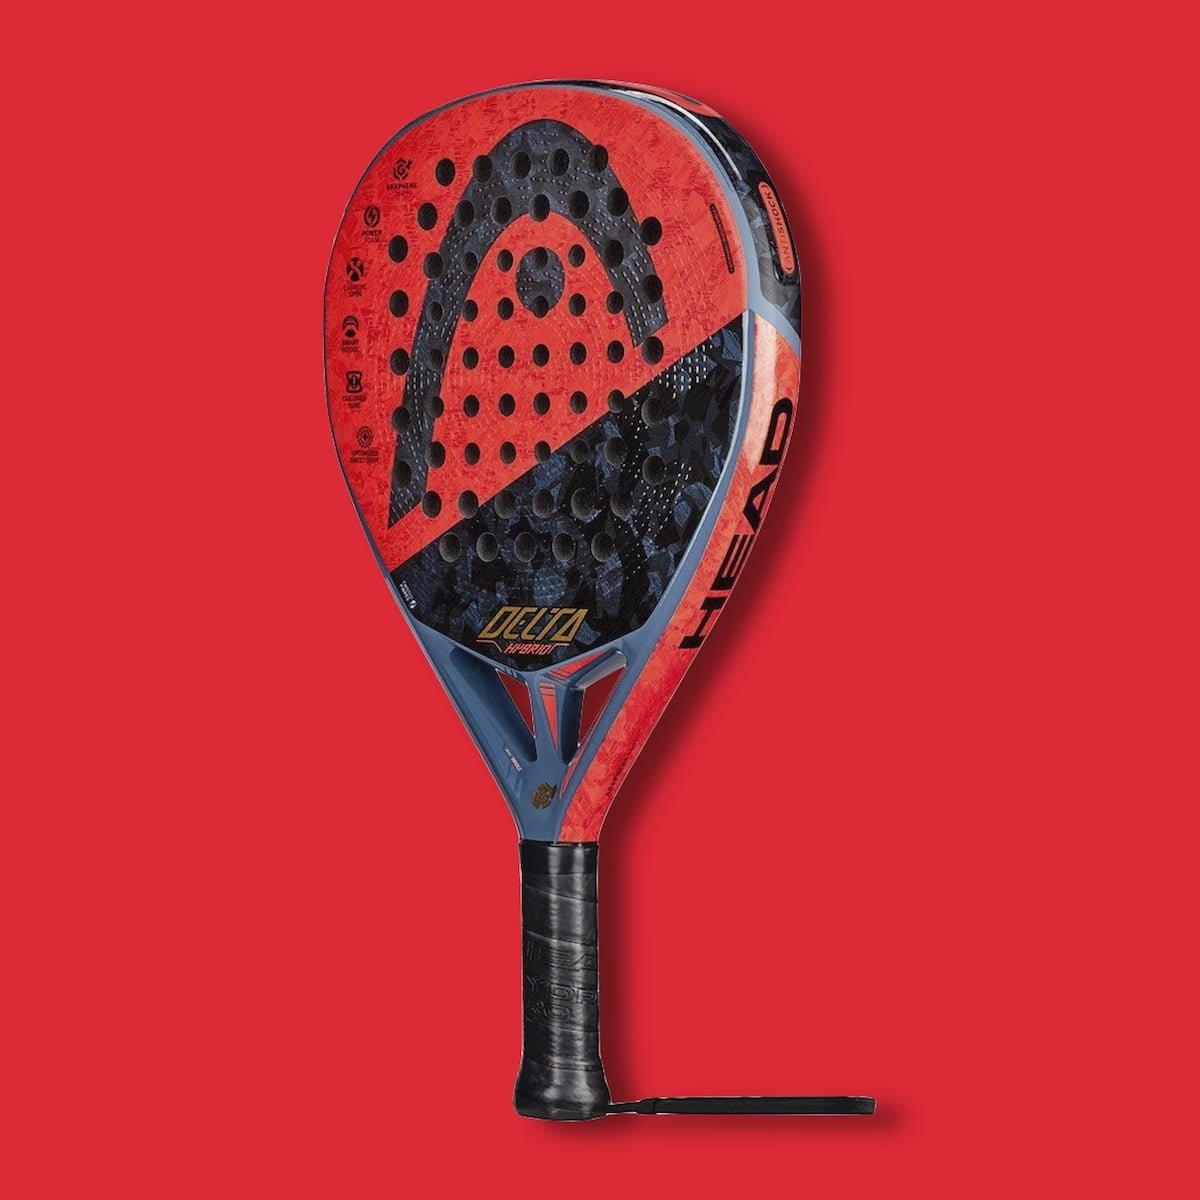 Padelrack från Head mot röd bakgrund: Head Delta Hybrid Graphene 360